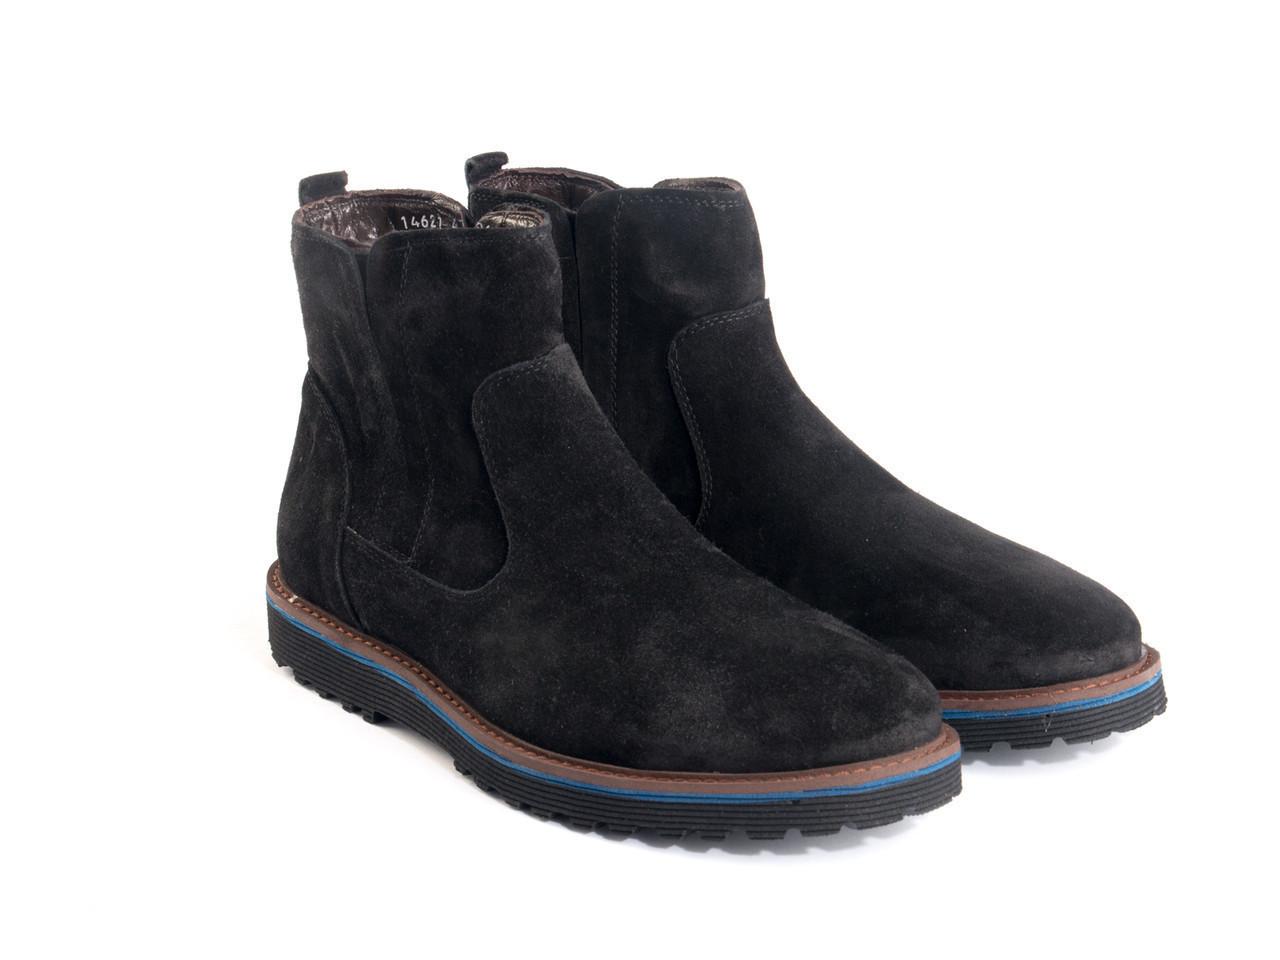 Ботинки Etor 14621-8-847 44 черные